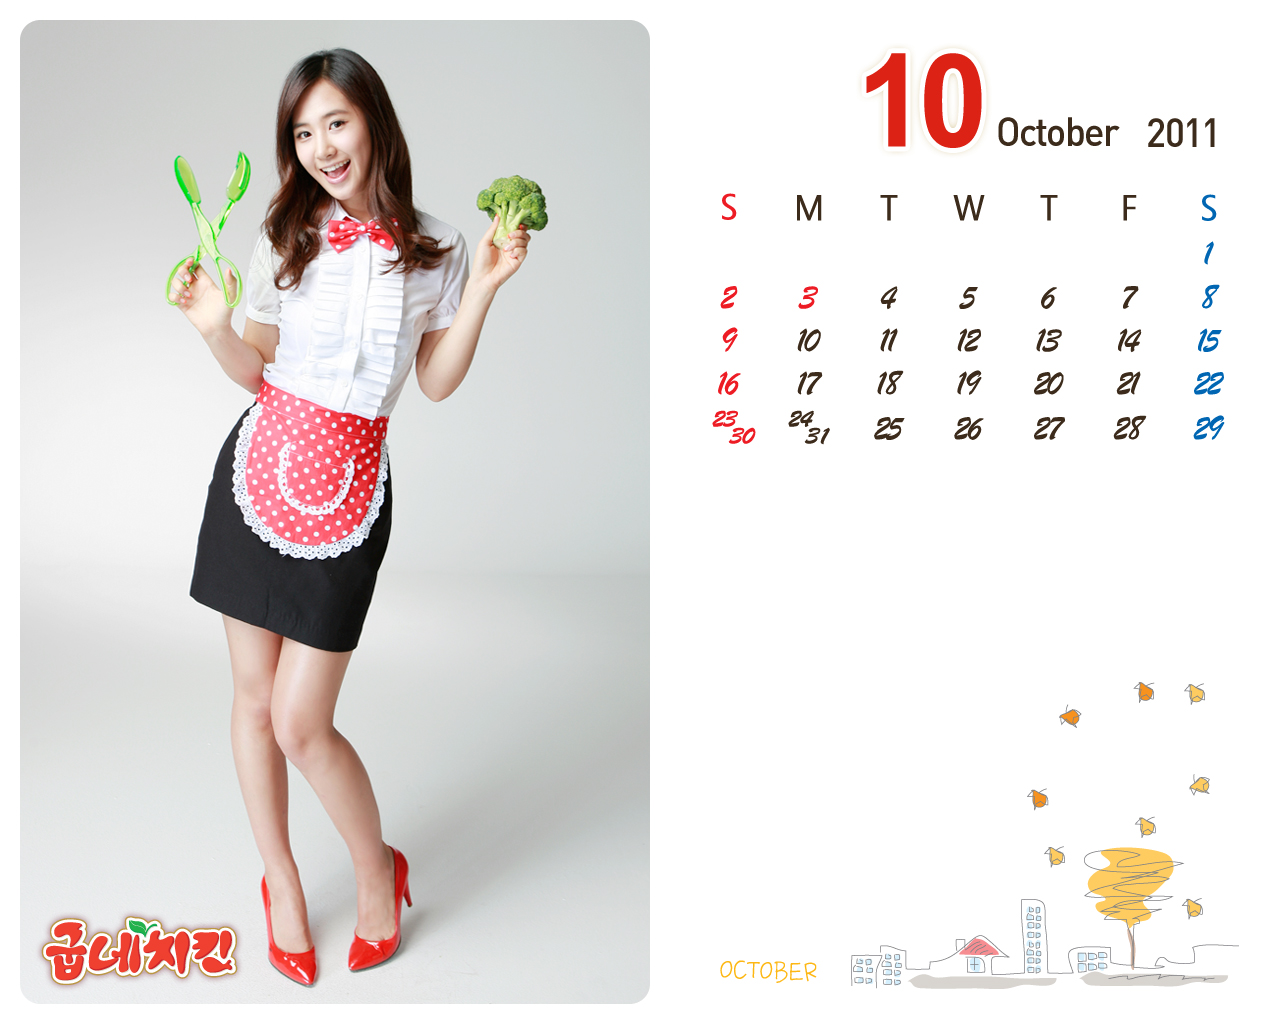 http://2.bp.blogspot.com/-eQHpAj3zsBQ/To11rr7kMOI/AAAAAAAANEU/EybvaCIunyU/s1600/snsd+yuri+goobne+calendar+wallpaper+1280x1024.jpg